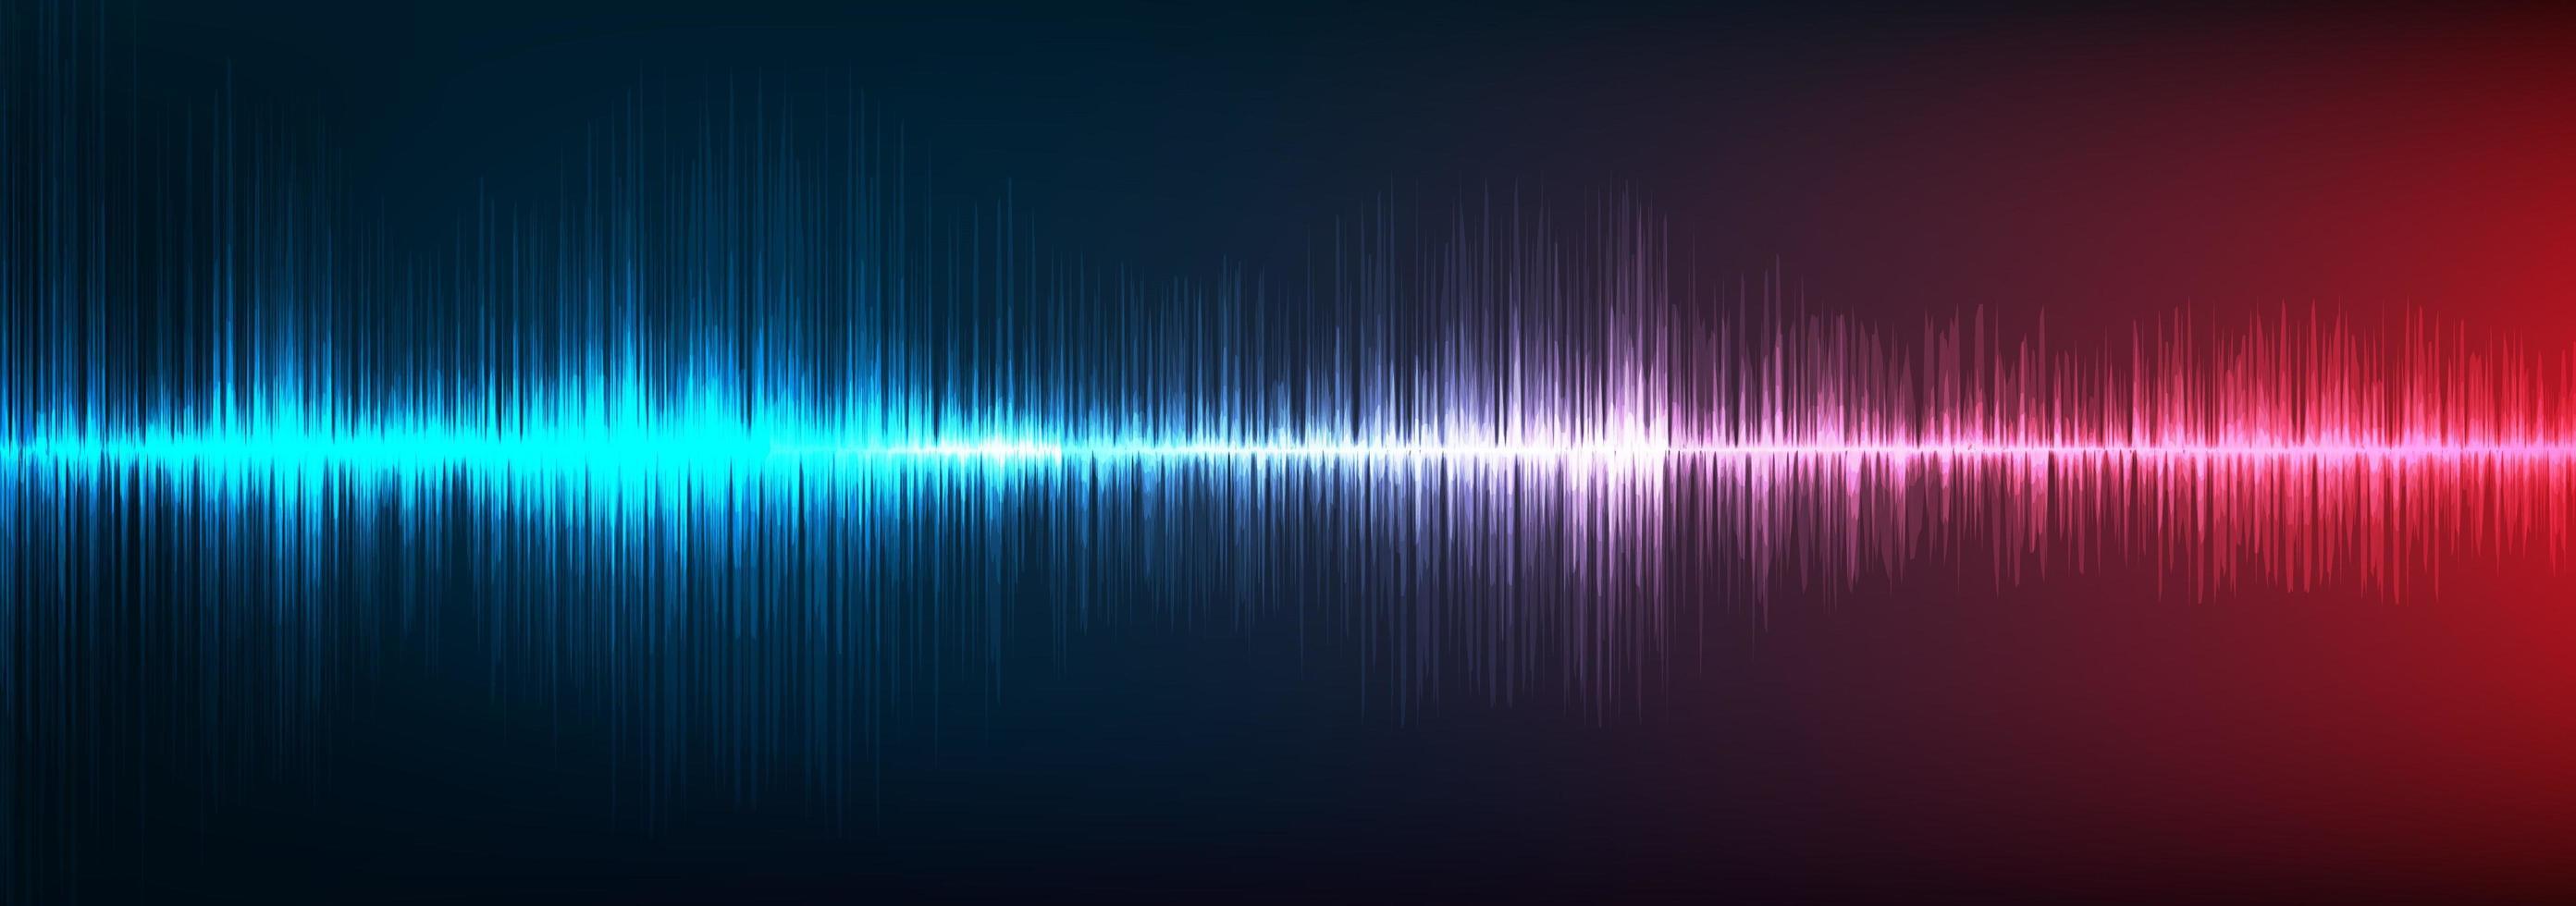 fondo de onda de sonido digital azul y rojo vector